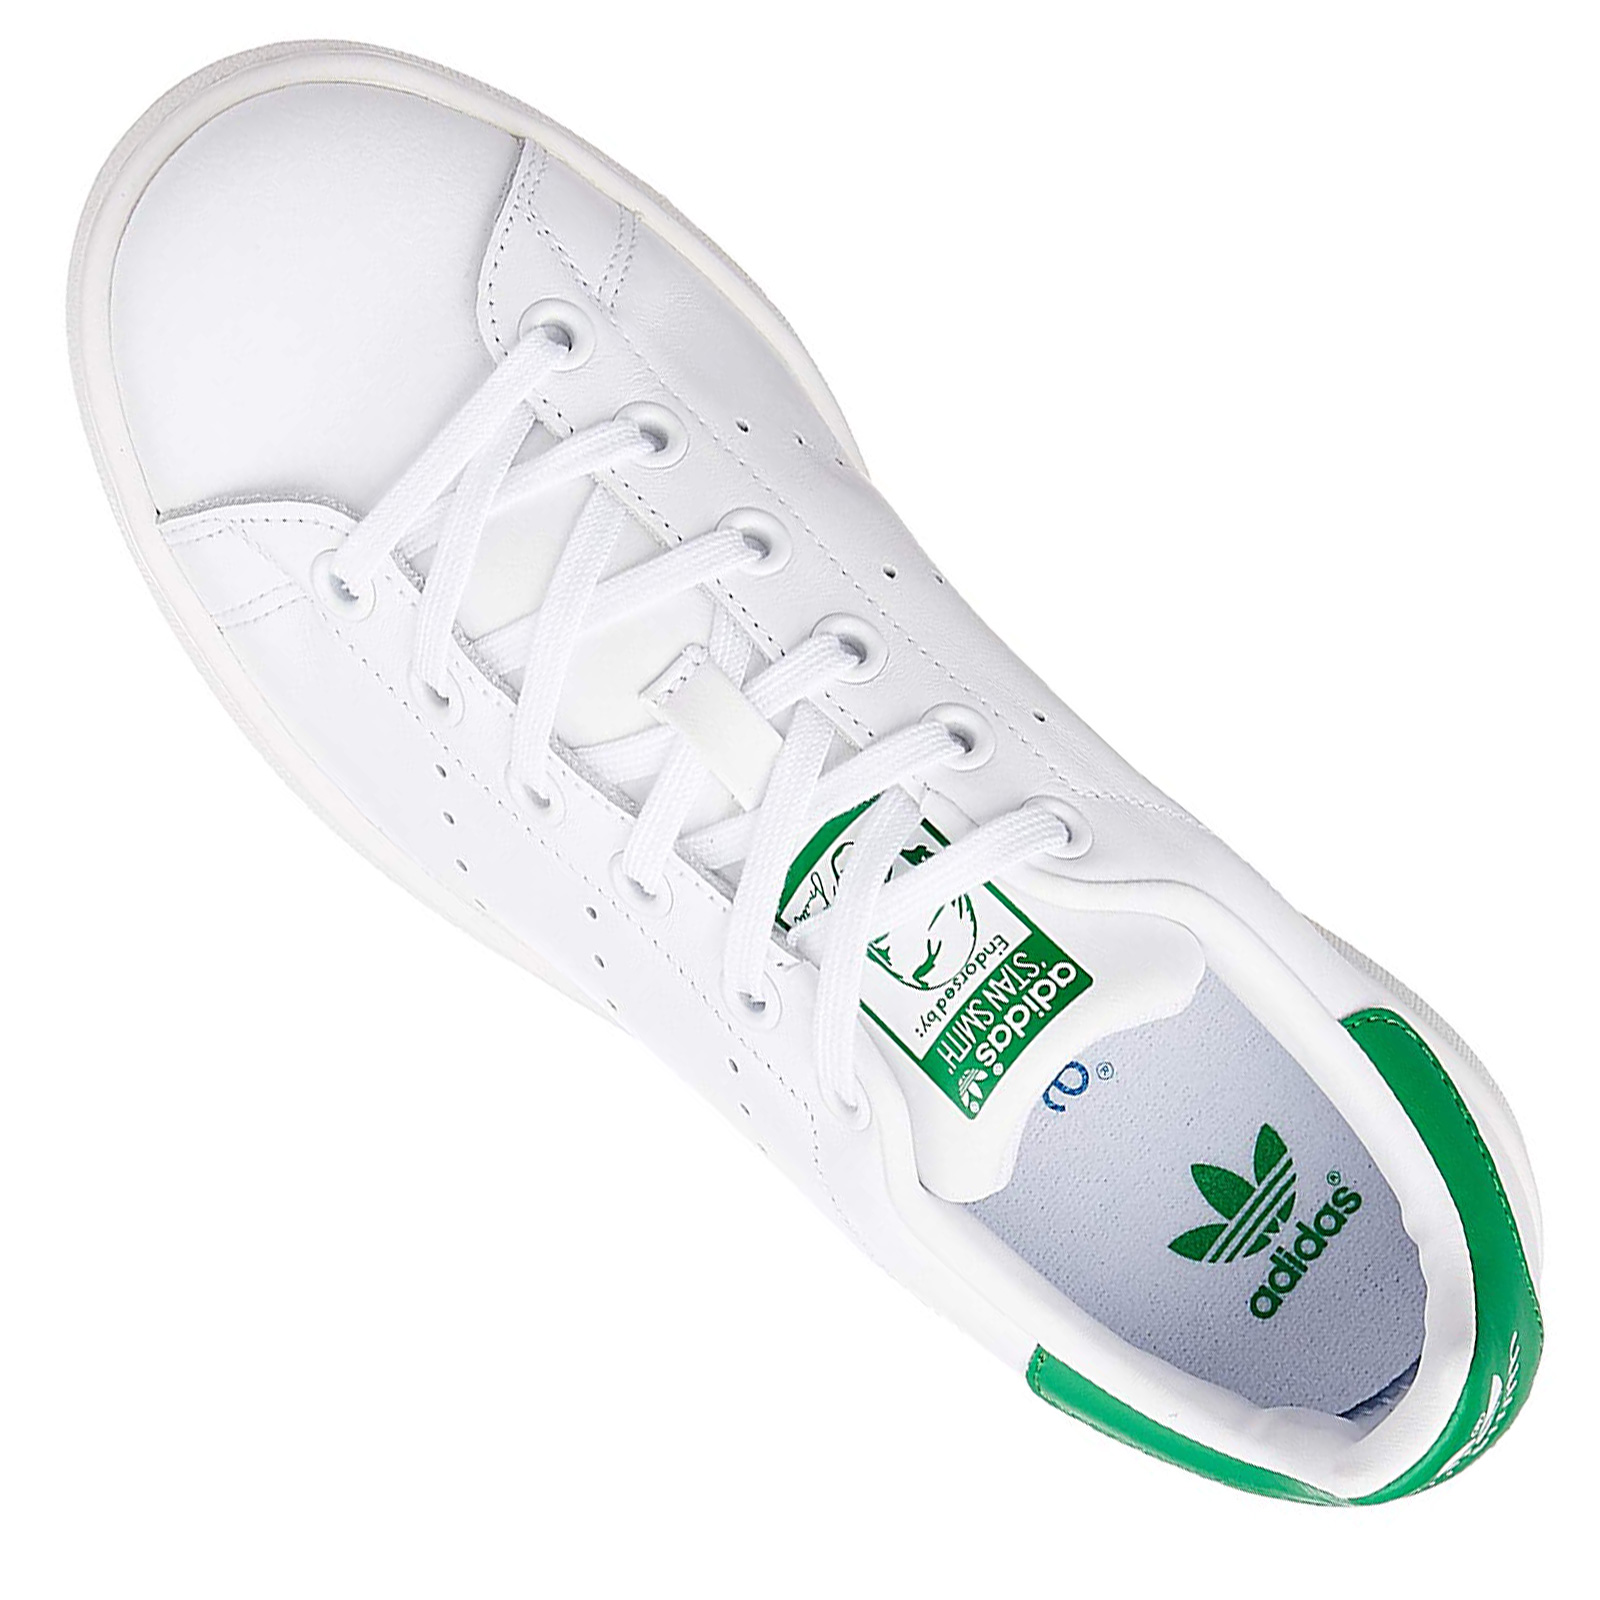 official photos d1bd6 bf105 adidas Originals Stan Smith Damen Sneaker Schuhe S81857 Leder Weiß Grün 40